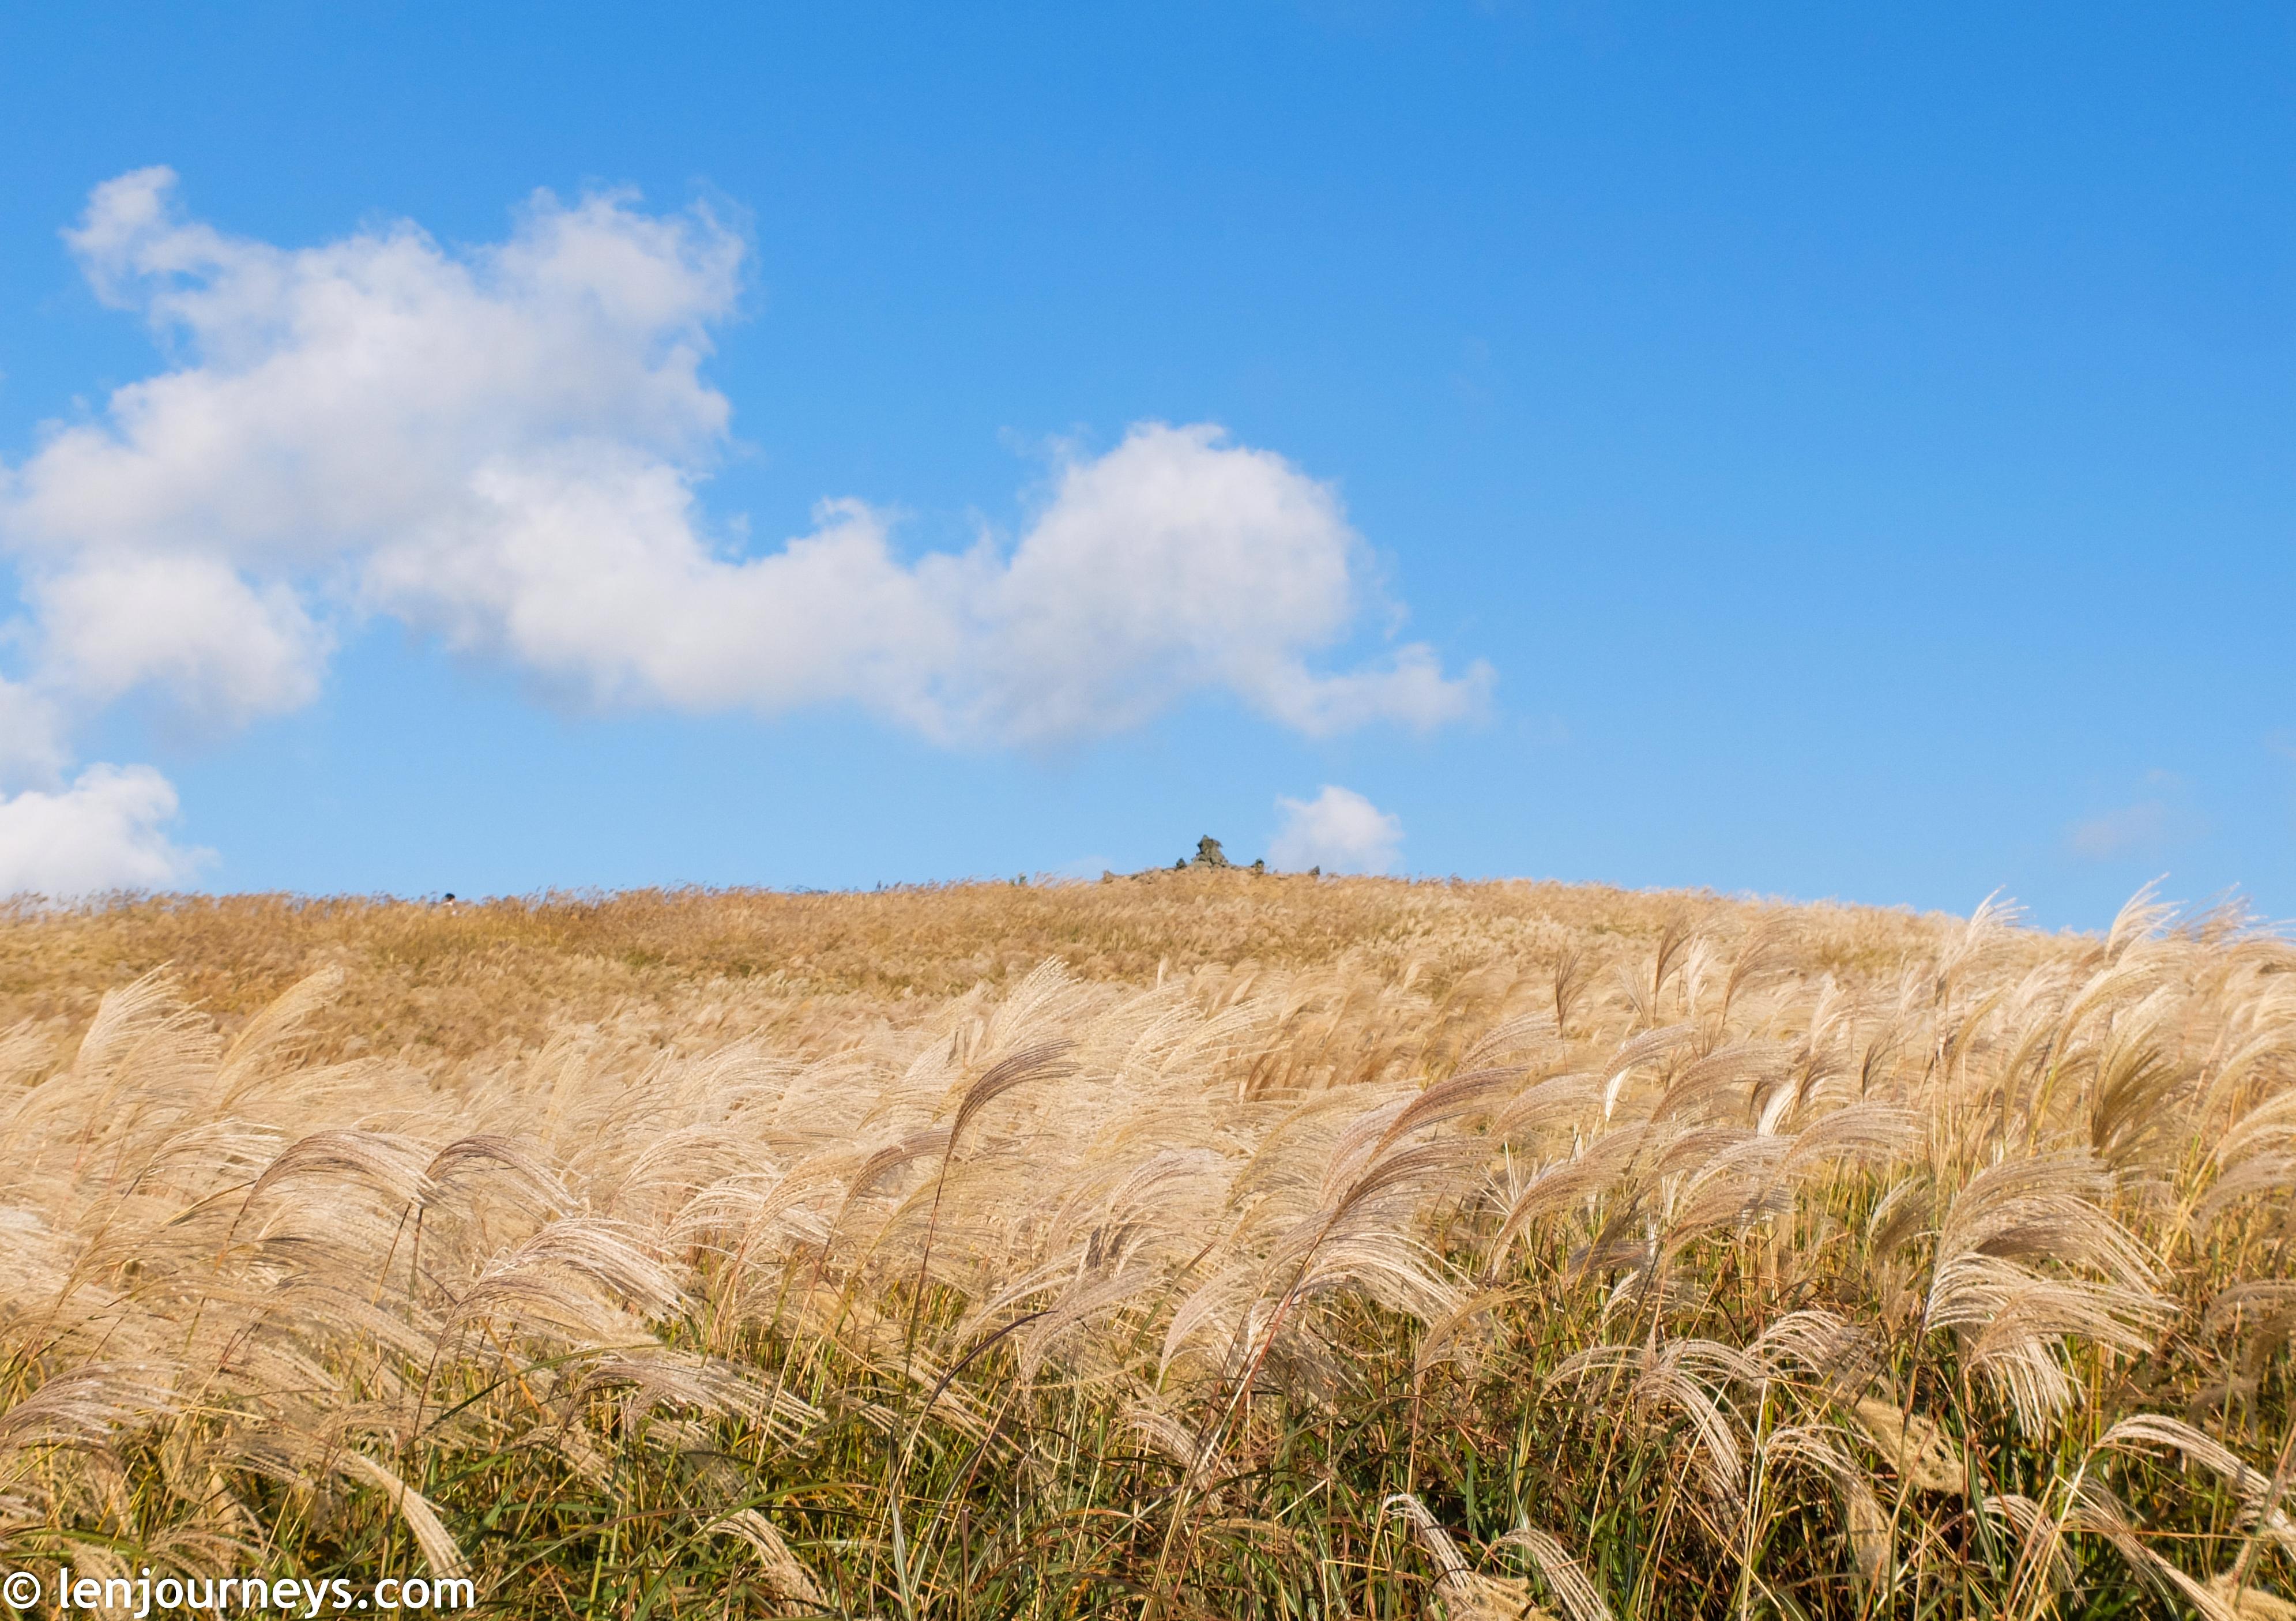 Sea of silver grass